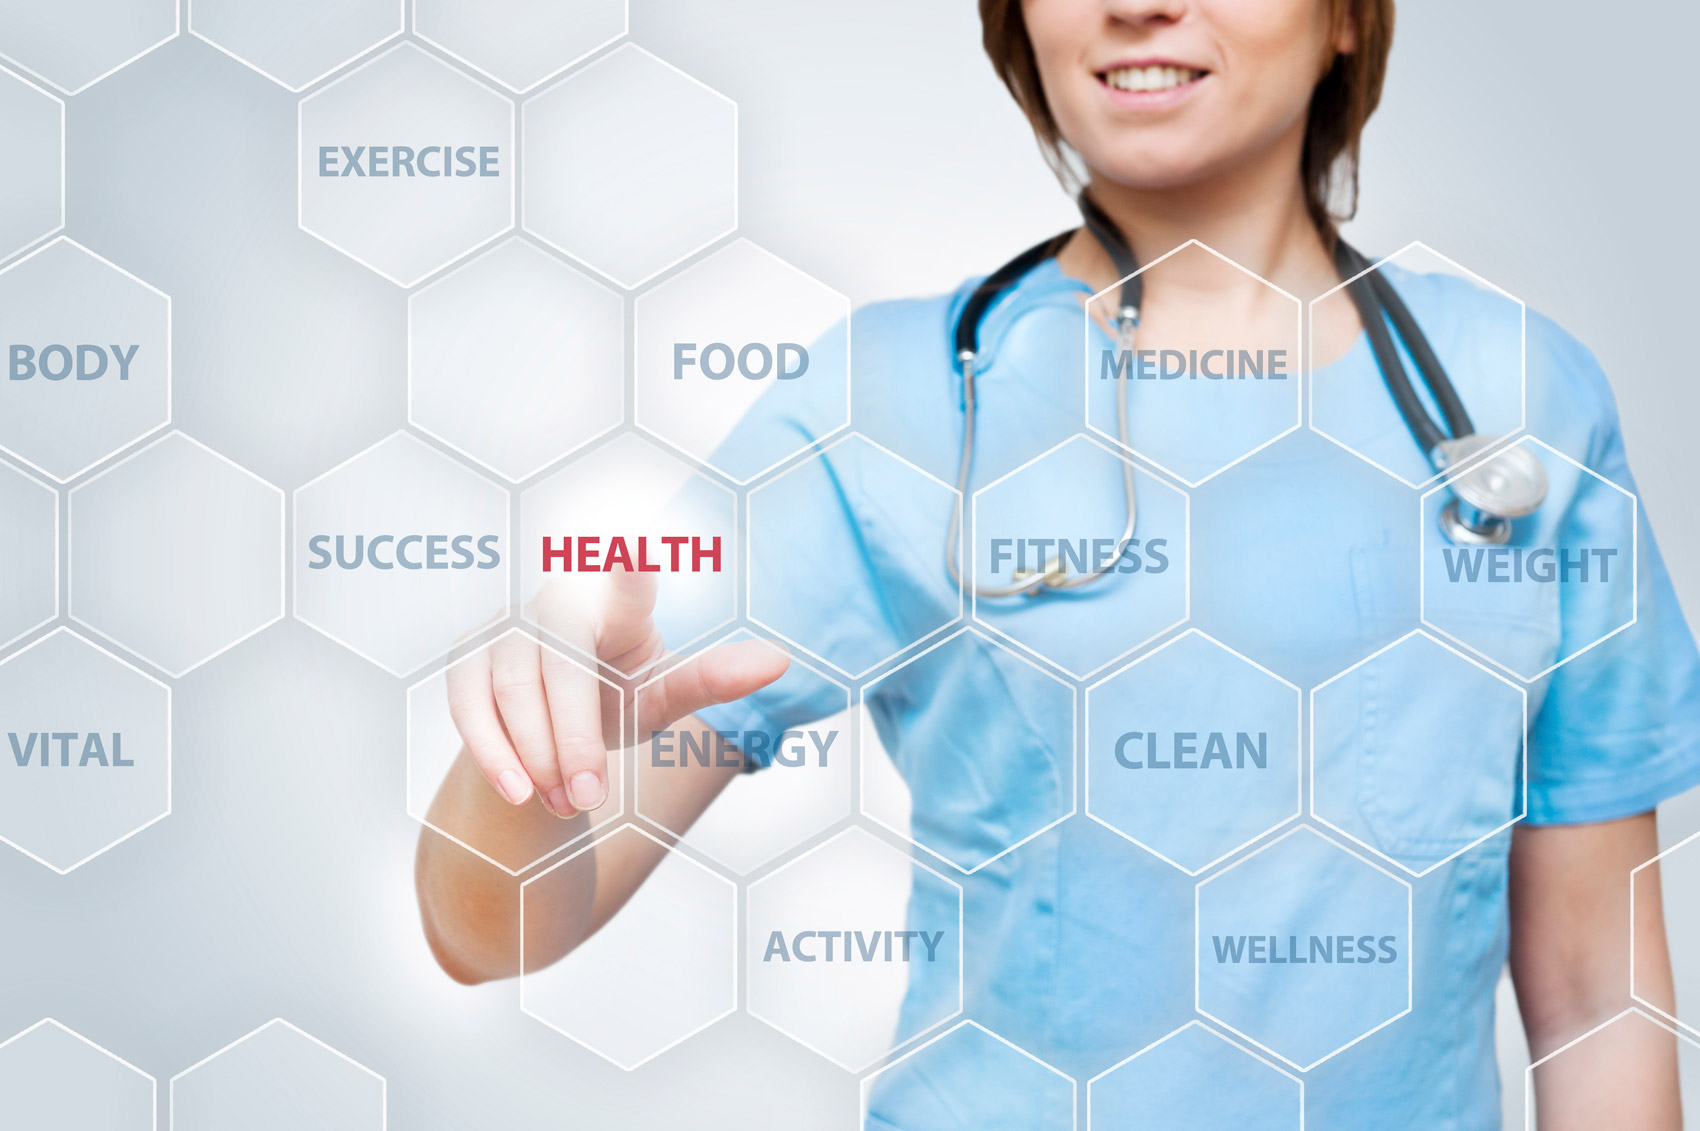 programma di dieta di rinforzo del sistema immunitario